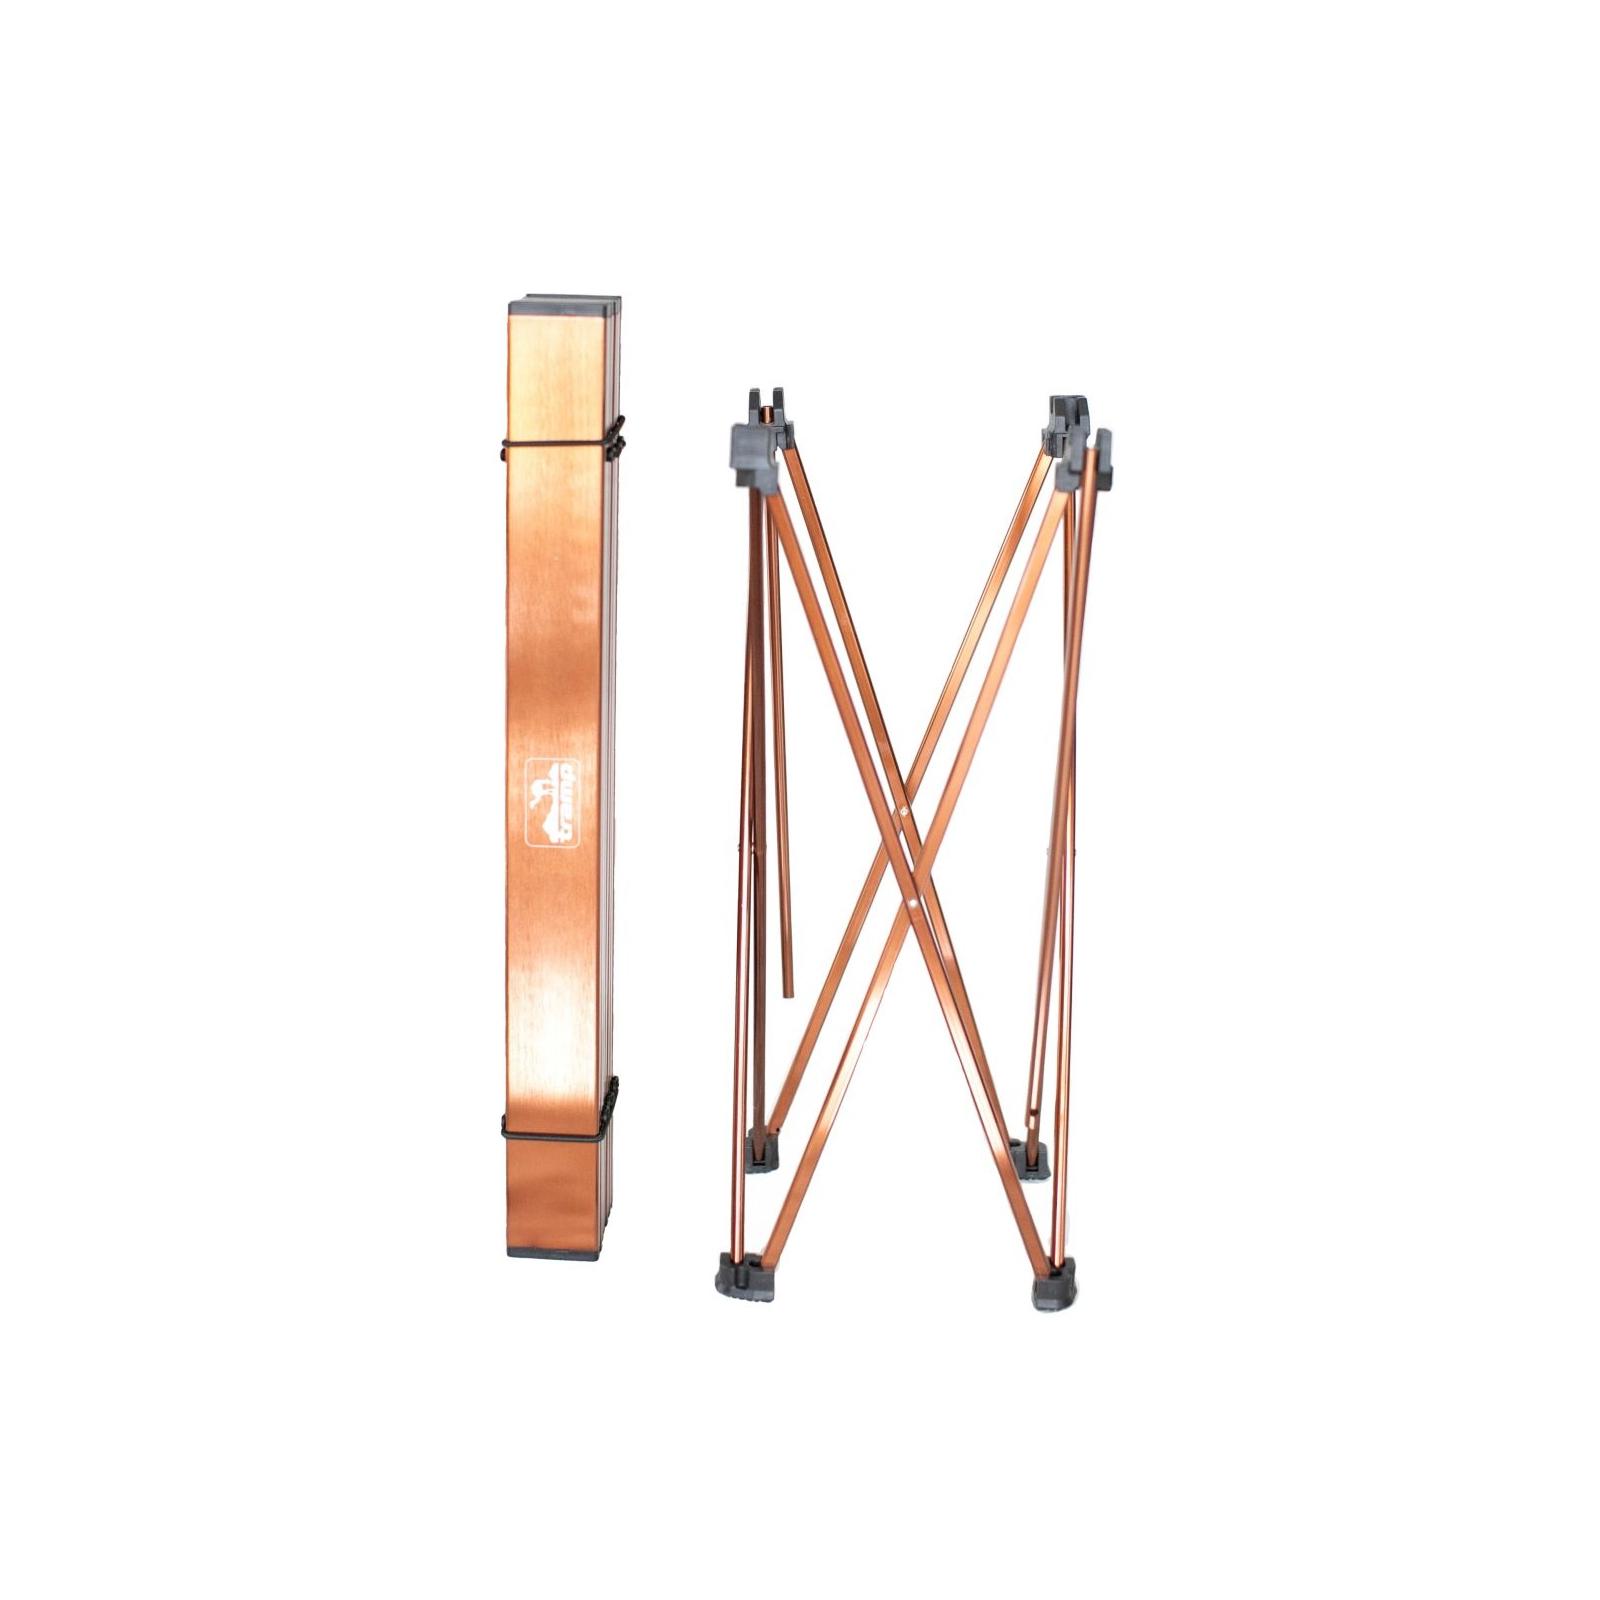 Туристический стол Tramp COMPACT алюминиевый 55х40х38см (TRF-061) изображение 5